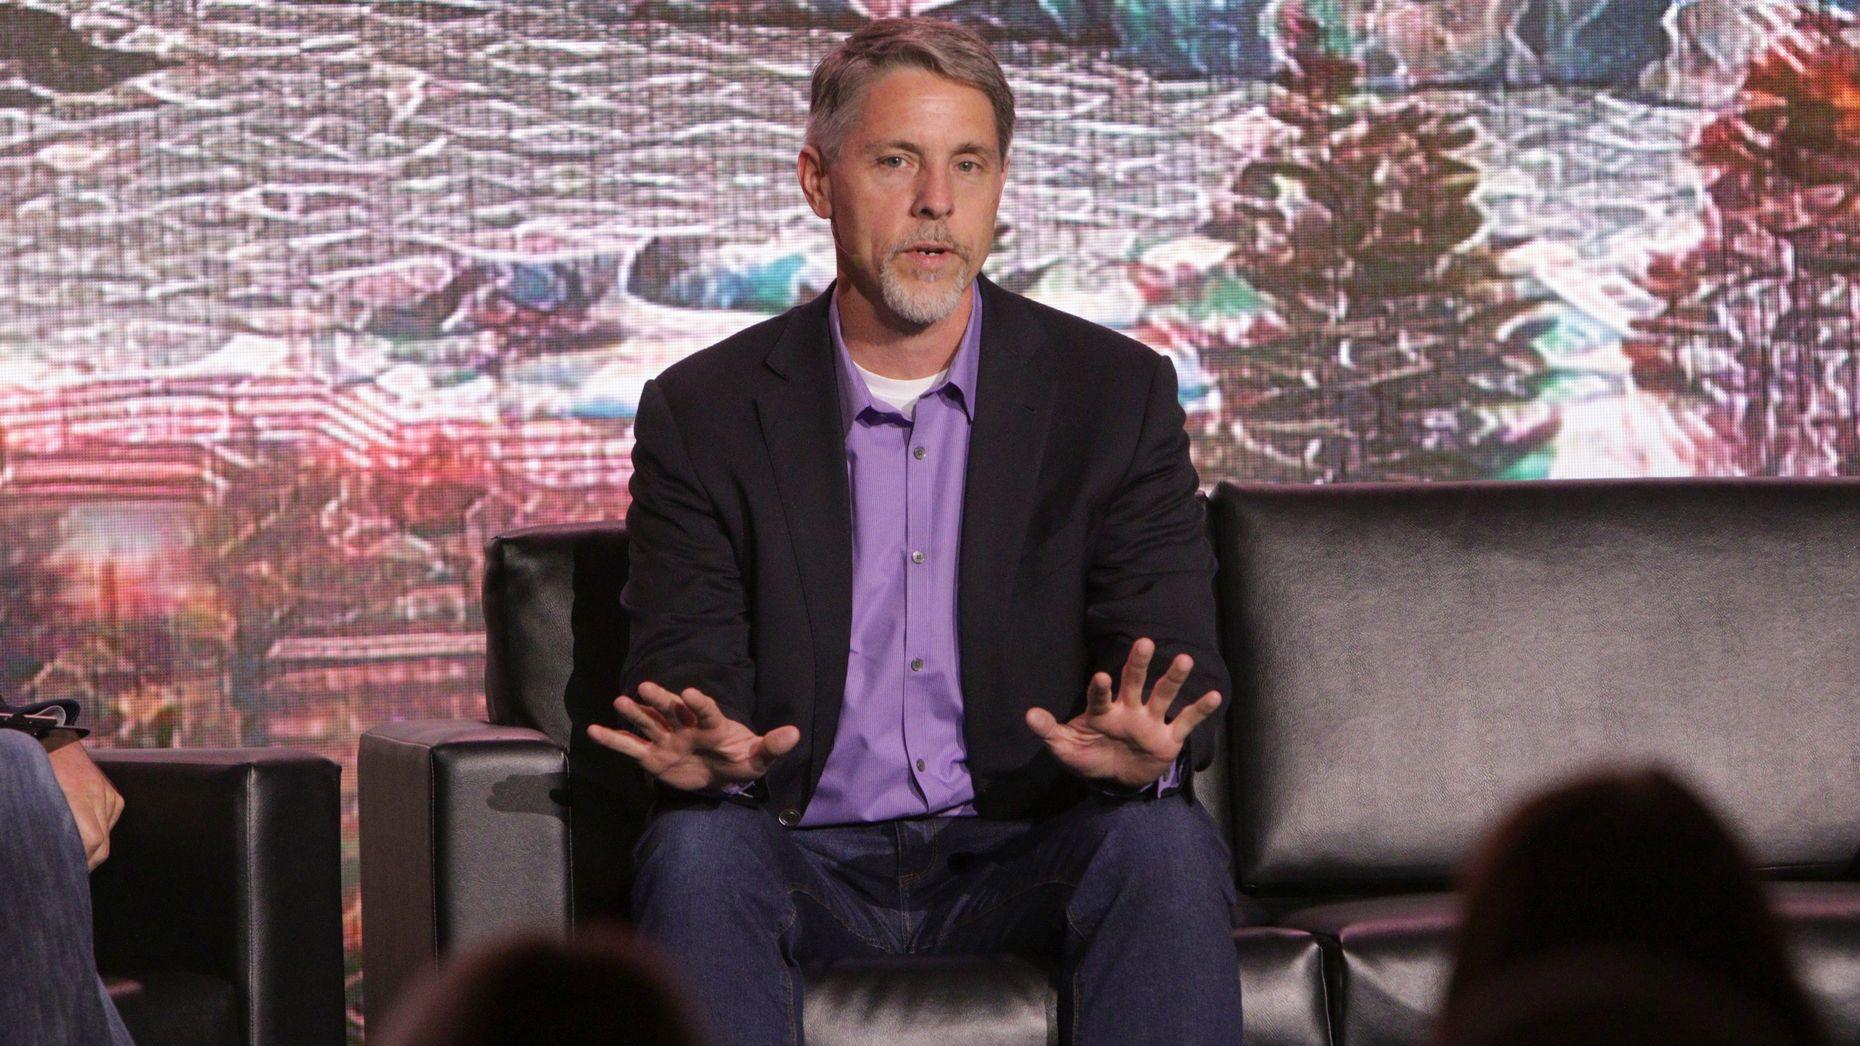 Grail CEO Jeff Huber. Photo by O'Reilly Media Next:Economy Summit/  Doug Cody